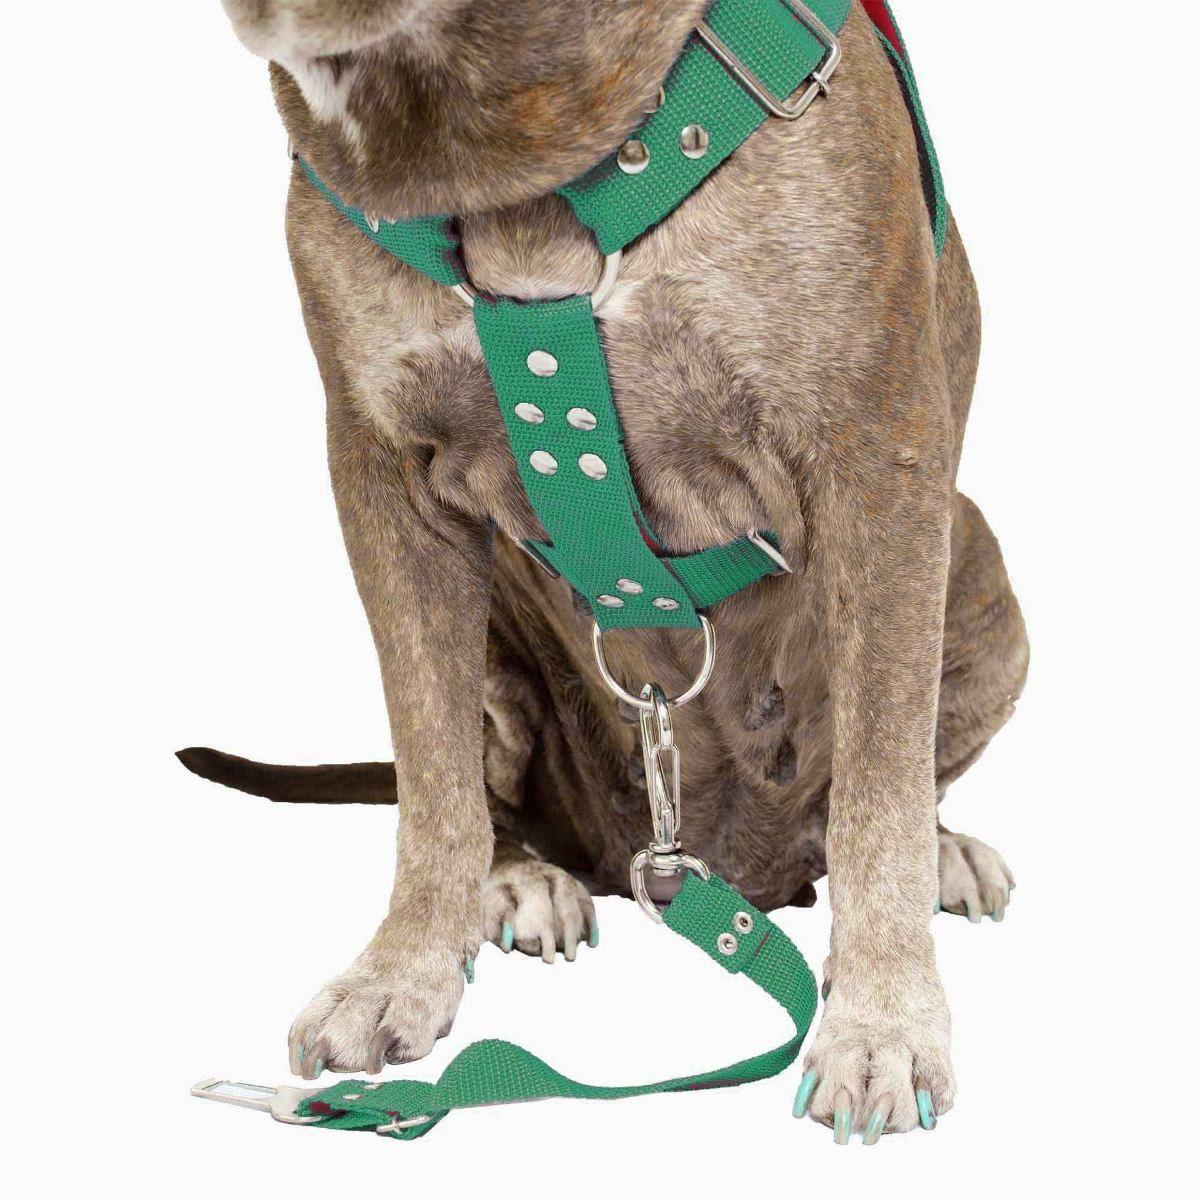 Coleira Peitoral Cachorro Porte Maior E Adaptador Para Cinto de Segurança Veicular Tamanho M - Cor Verde